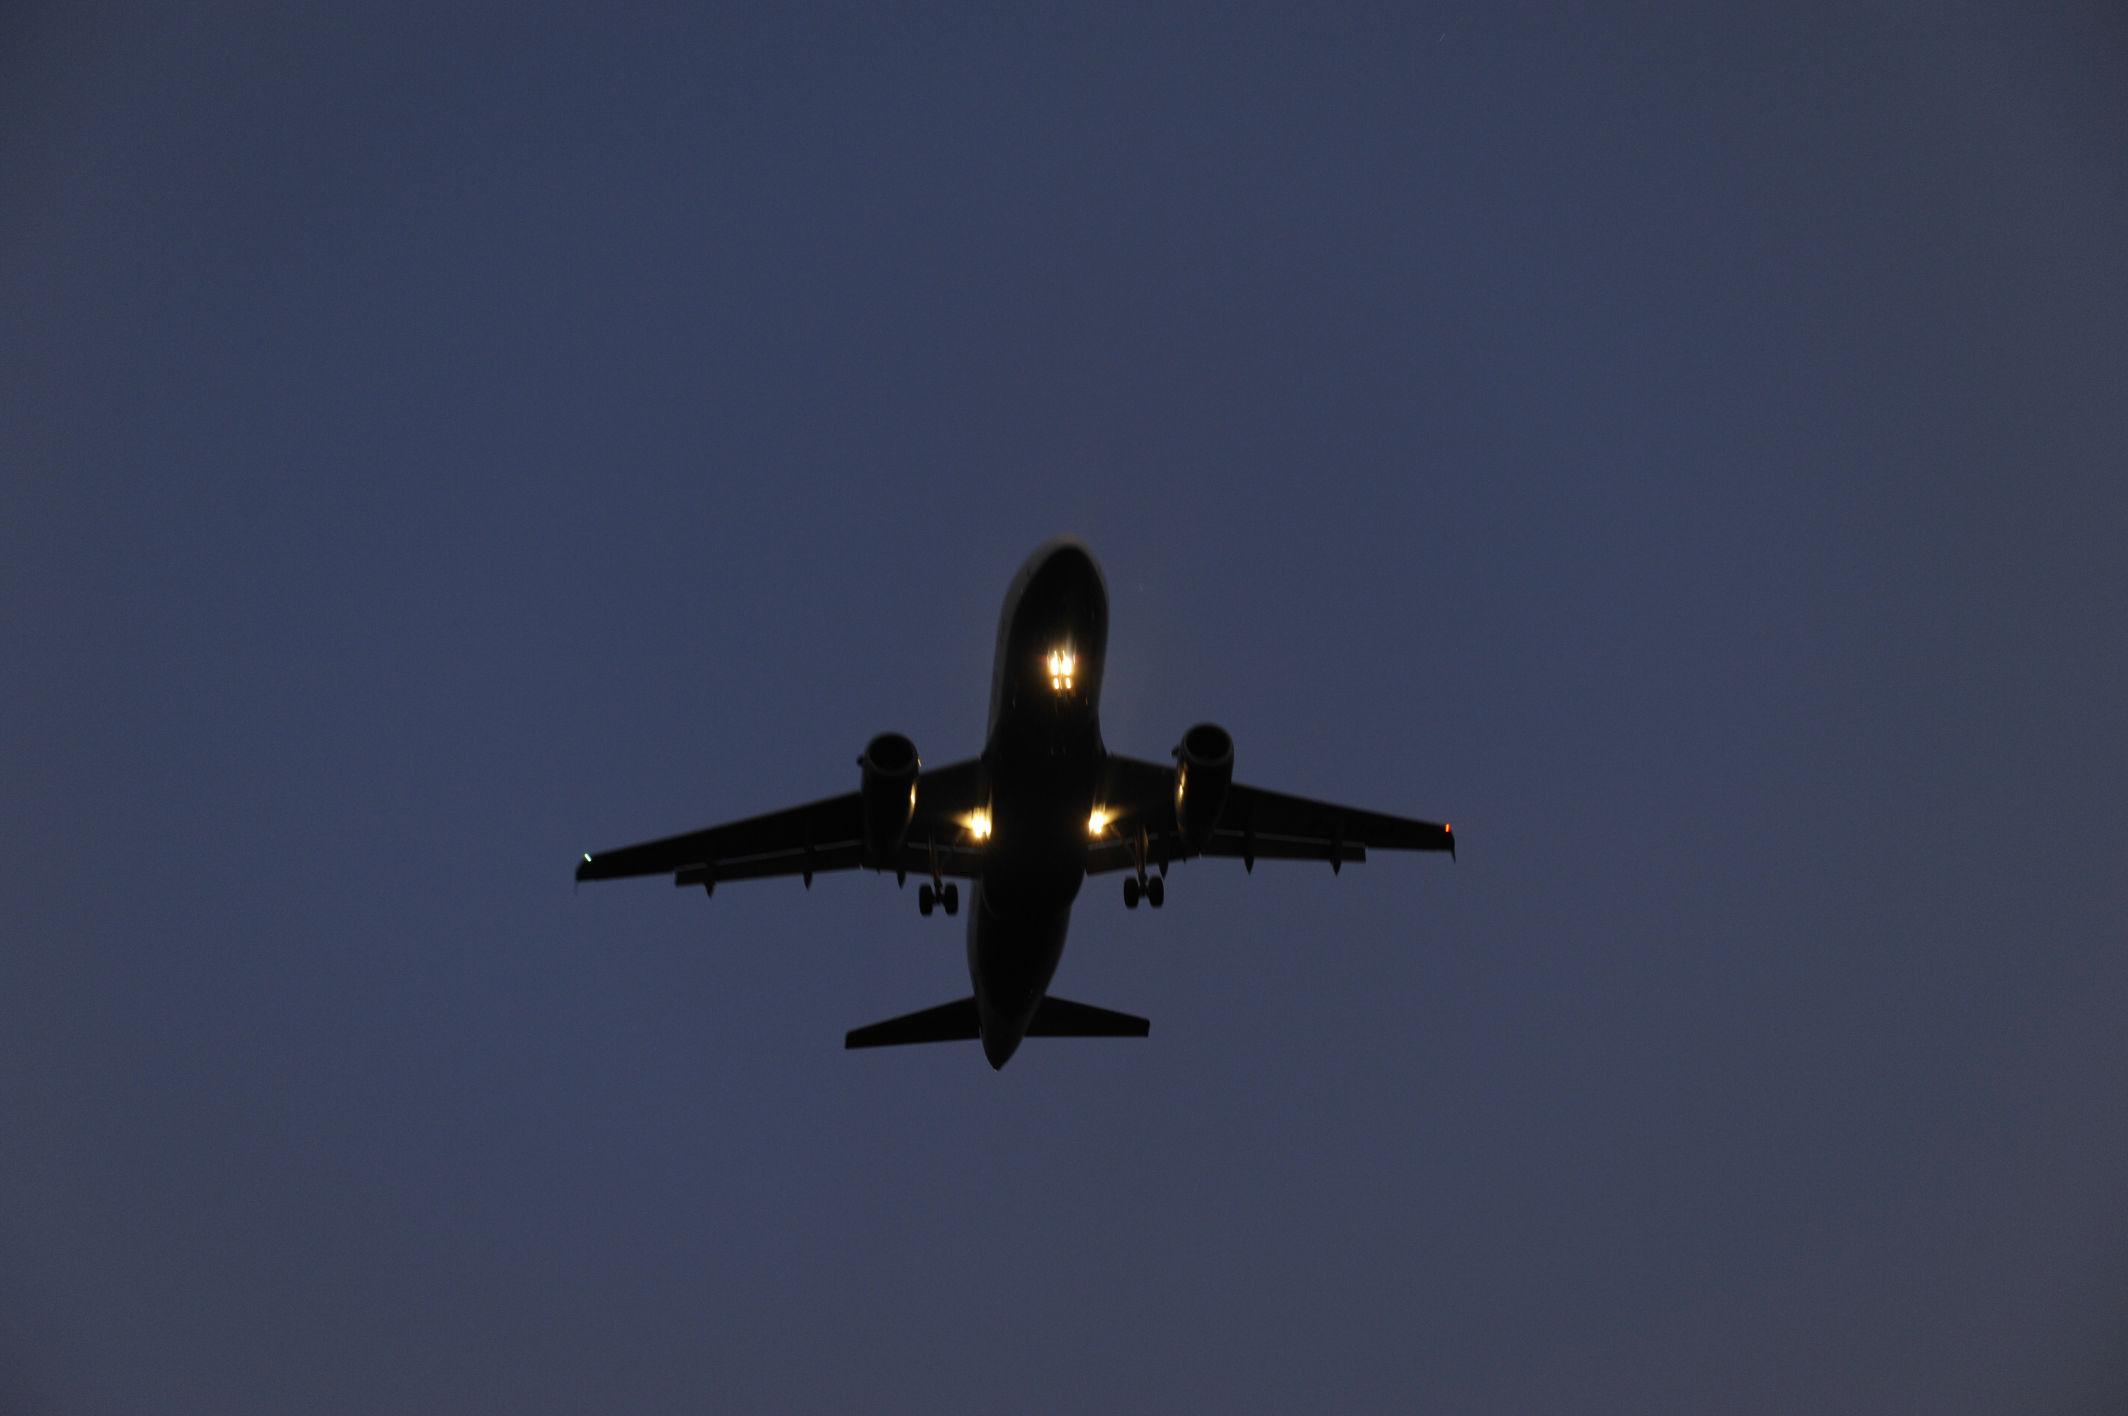 Bristol, aereo fa test e vola vicino alle case